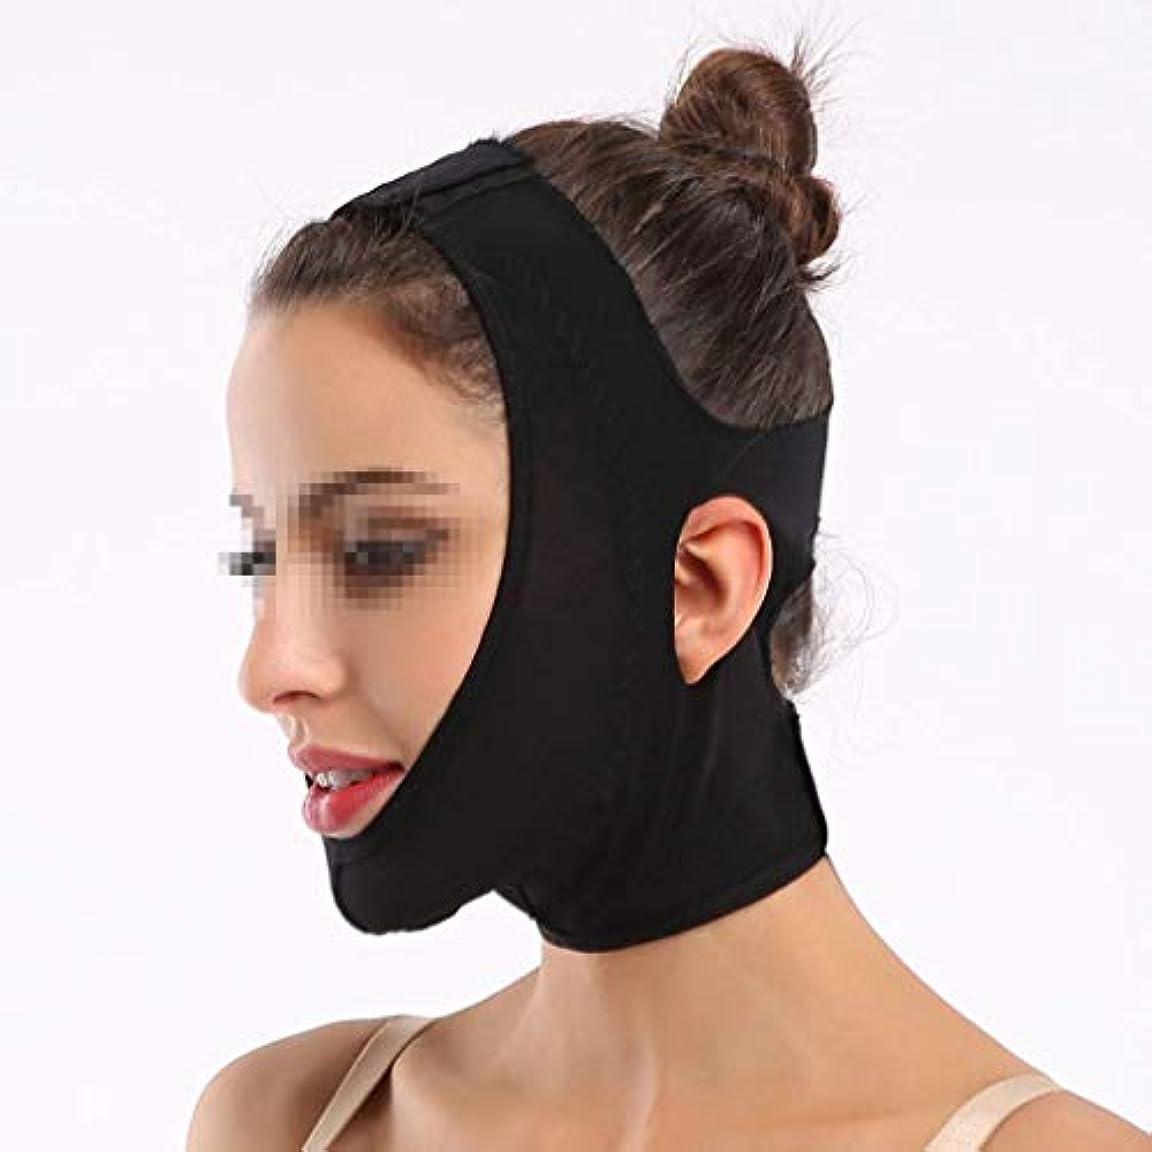 スクリーチ怠惰着るVフェイスマスク、バンデージマスクリフティングとタイトニングスキニービューティーサロン2時間1日Vフェイスマッサージ術後回復